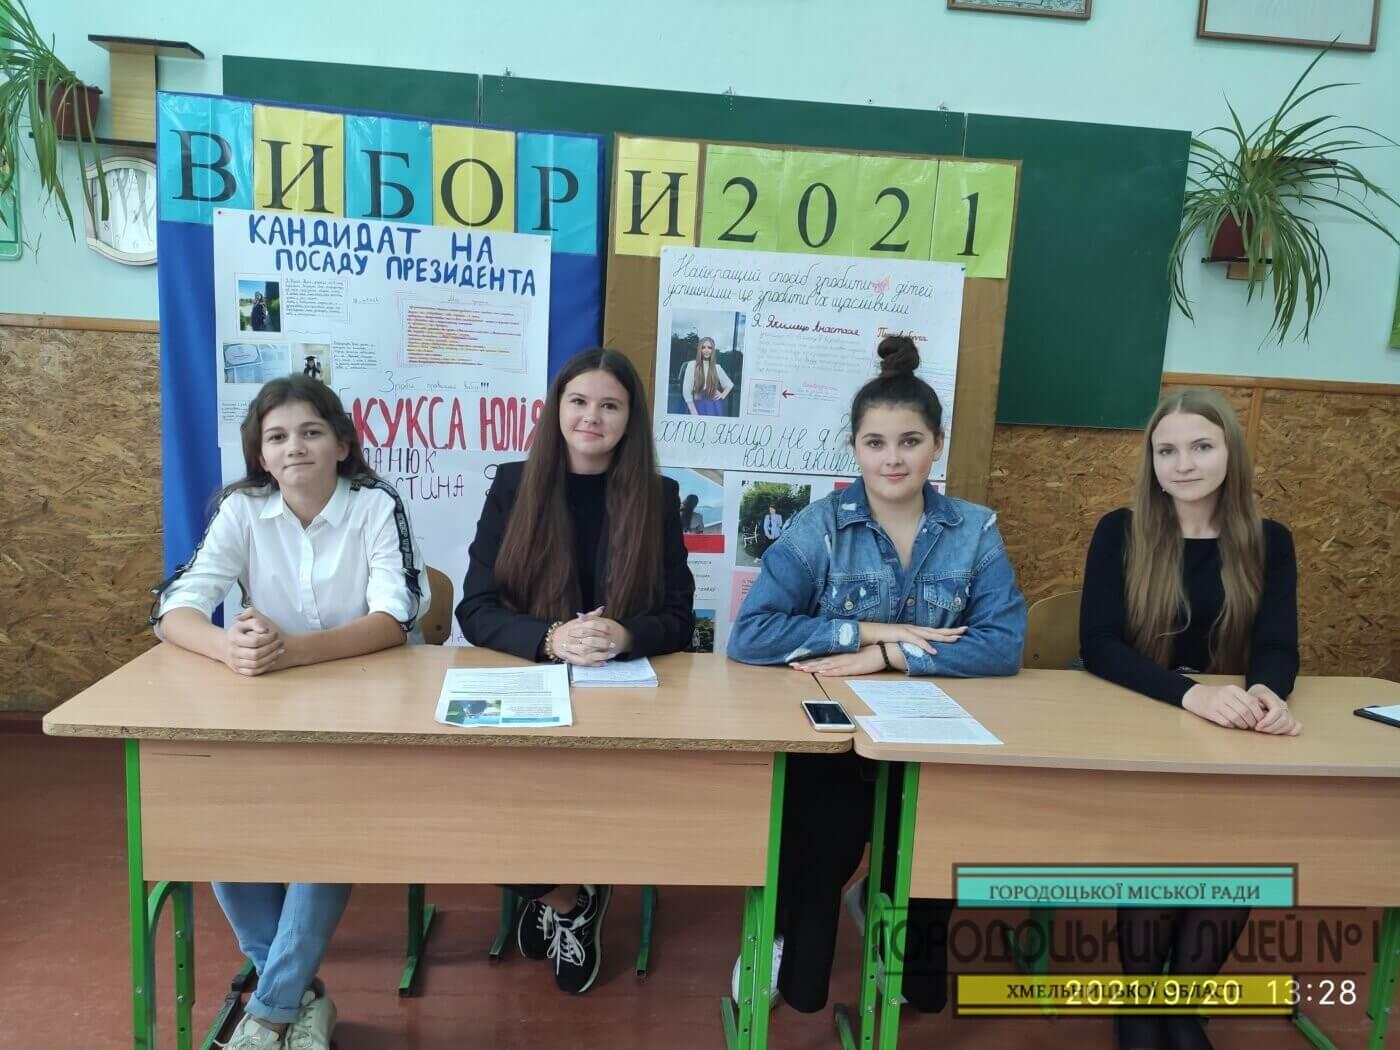 img 20210920 132821 1400x1050 - Дебати кандидатів на пост президентаучнівського самоврядування